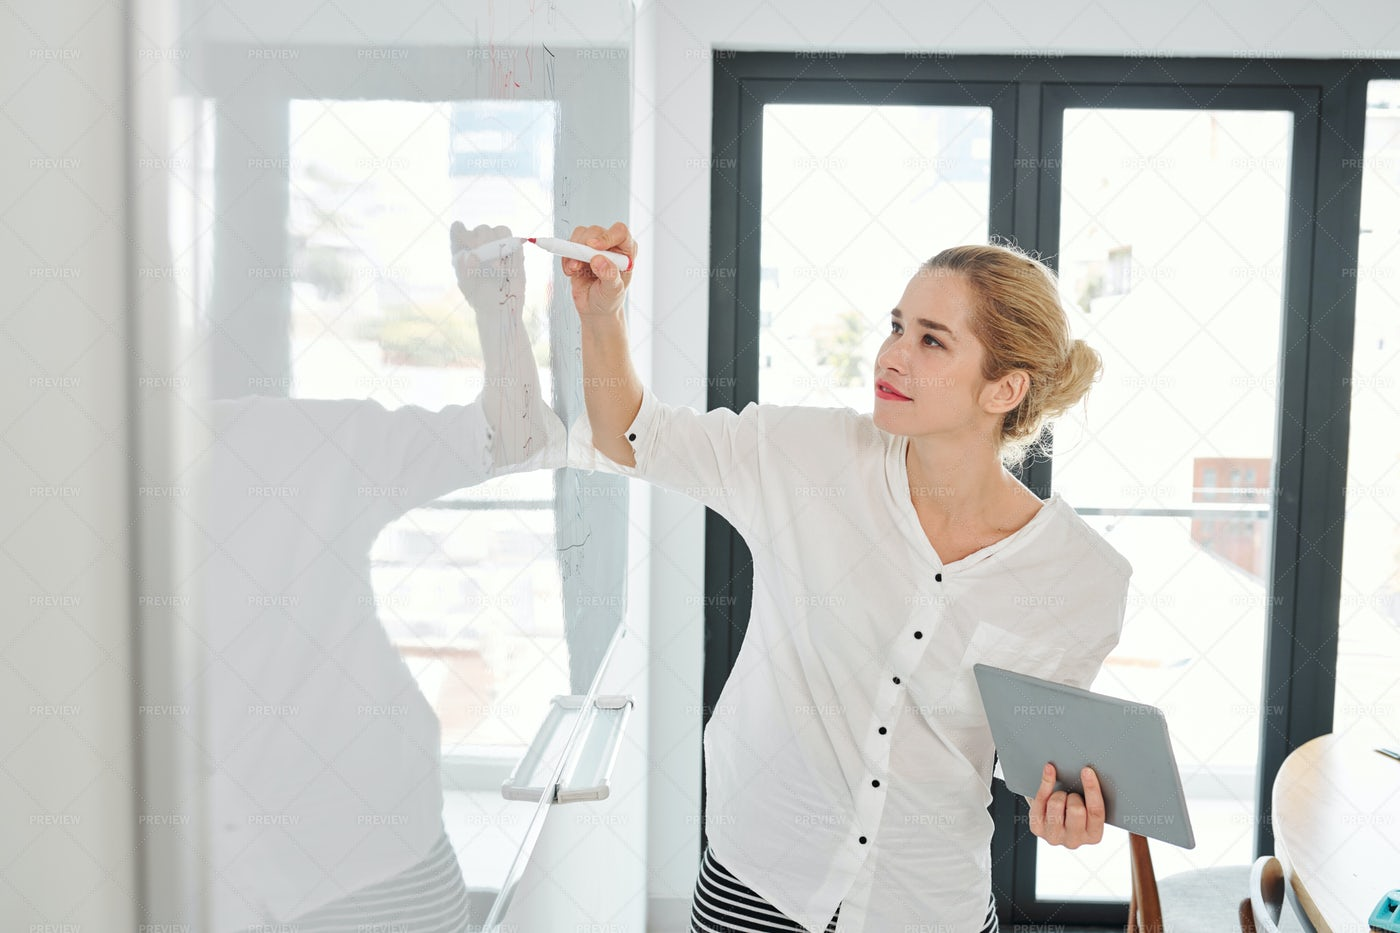 Business Coach At Meeting: Stock Photos